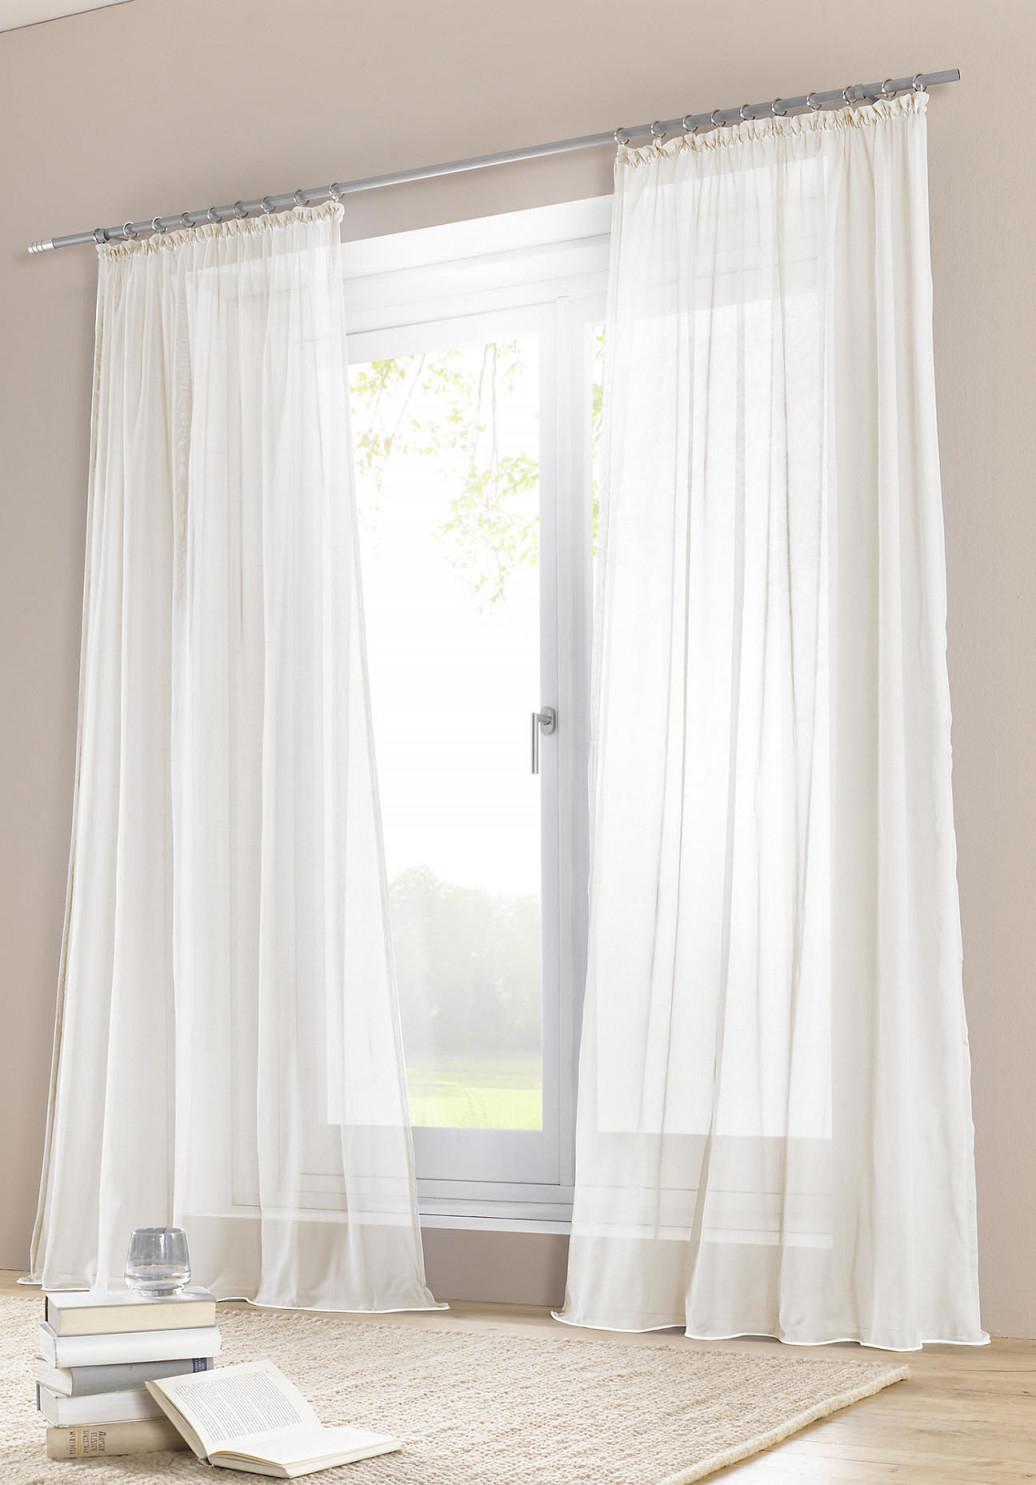 Die Schönsten Ideen Für Vorhänge  Gardinen von Vorhänge Gardinen Wohnzimmer Bild